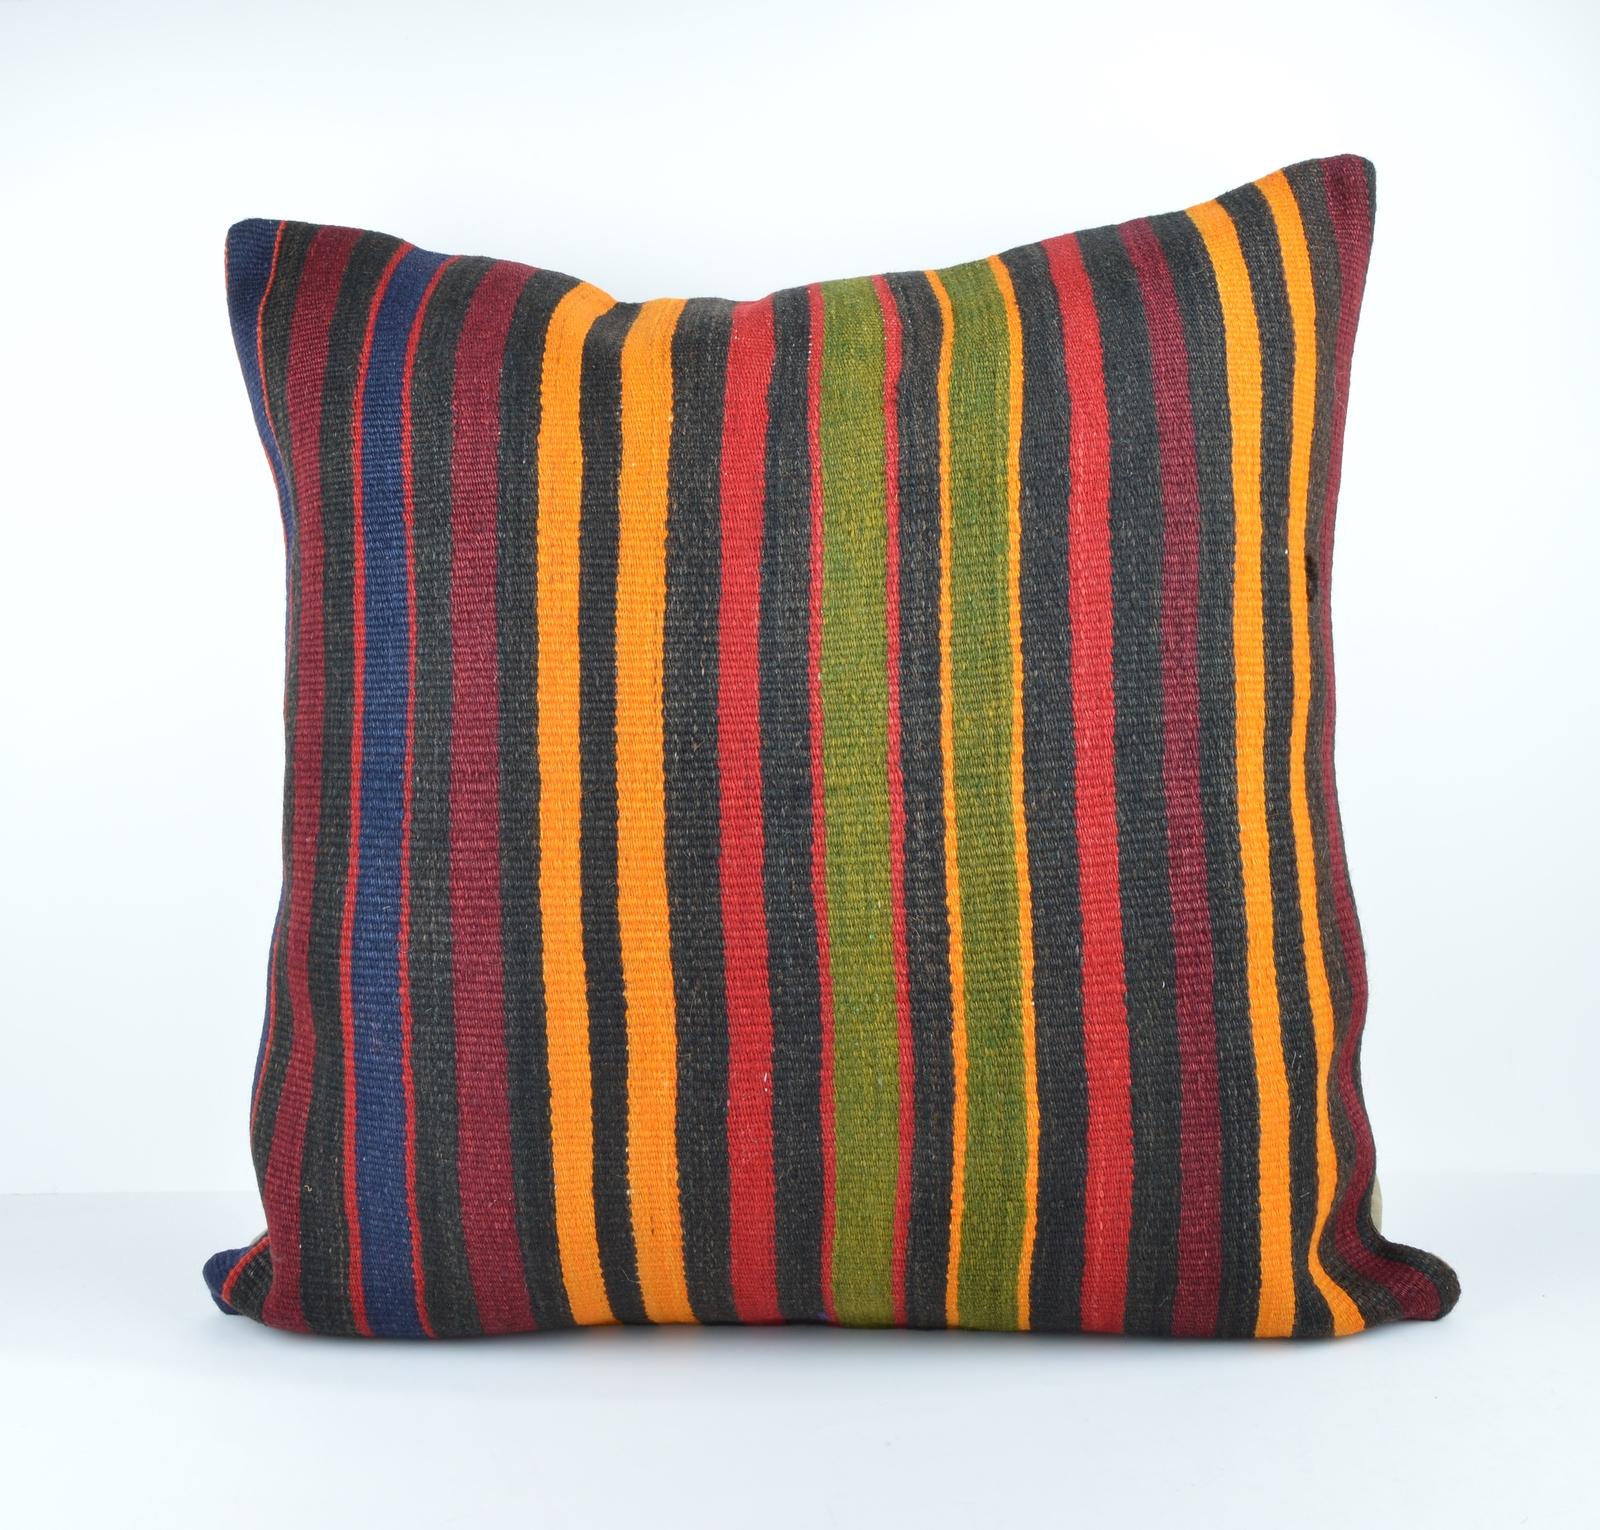 Jumbo Decorative Pillow : 24x24 large kilim pillow big pillow decorative pillow cover large cushion case - Pillows